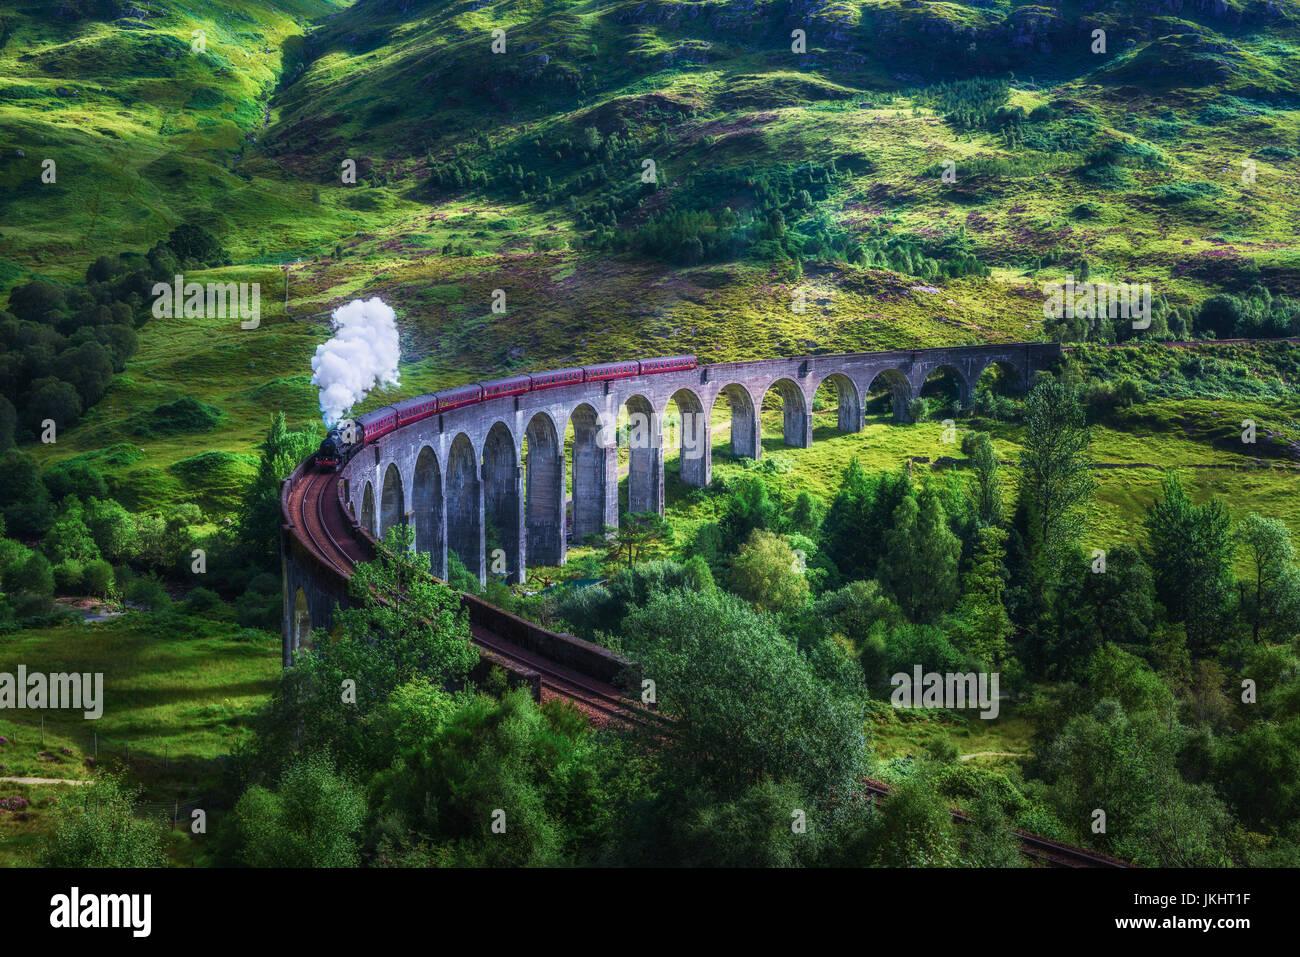 Glenfinnan Eisenbahnviadukt in Schottland mit dem Jacobite Steam train überfahren. Verarbeitung der künstlerischen Stockbild